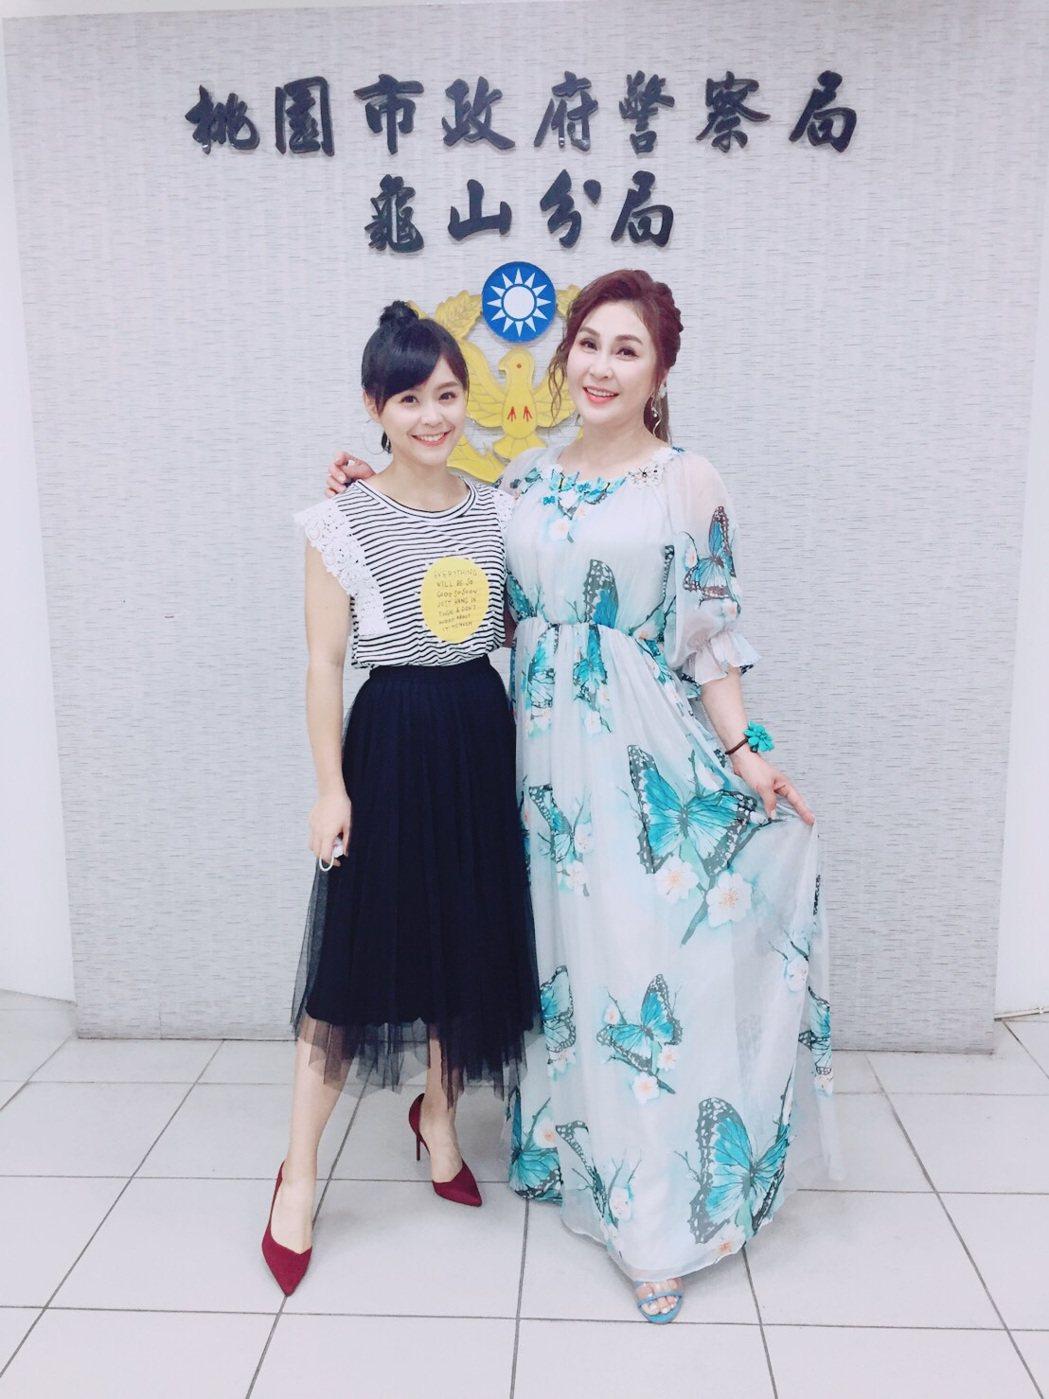 梁佑南和女兒方琦出席公益活動。圖/民視提供